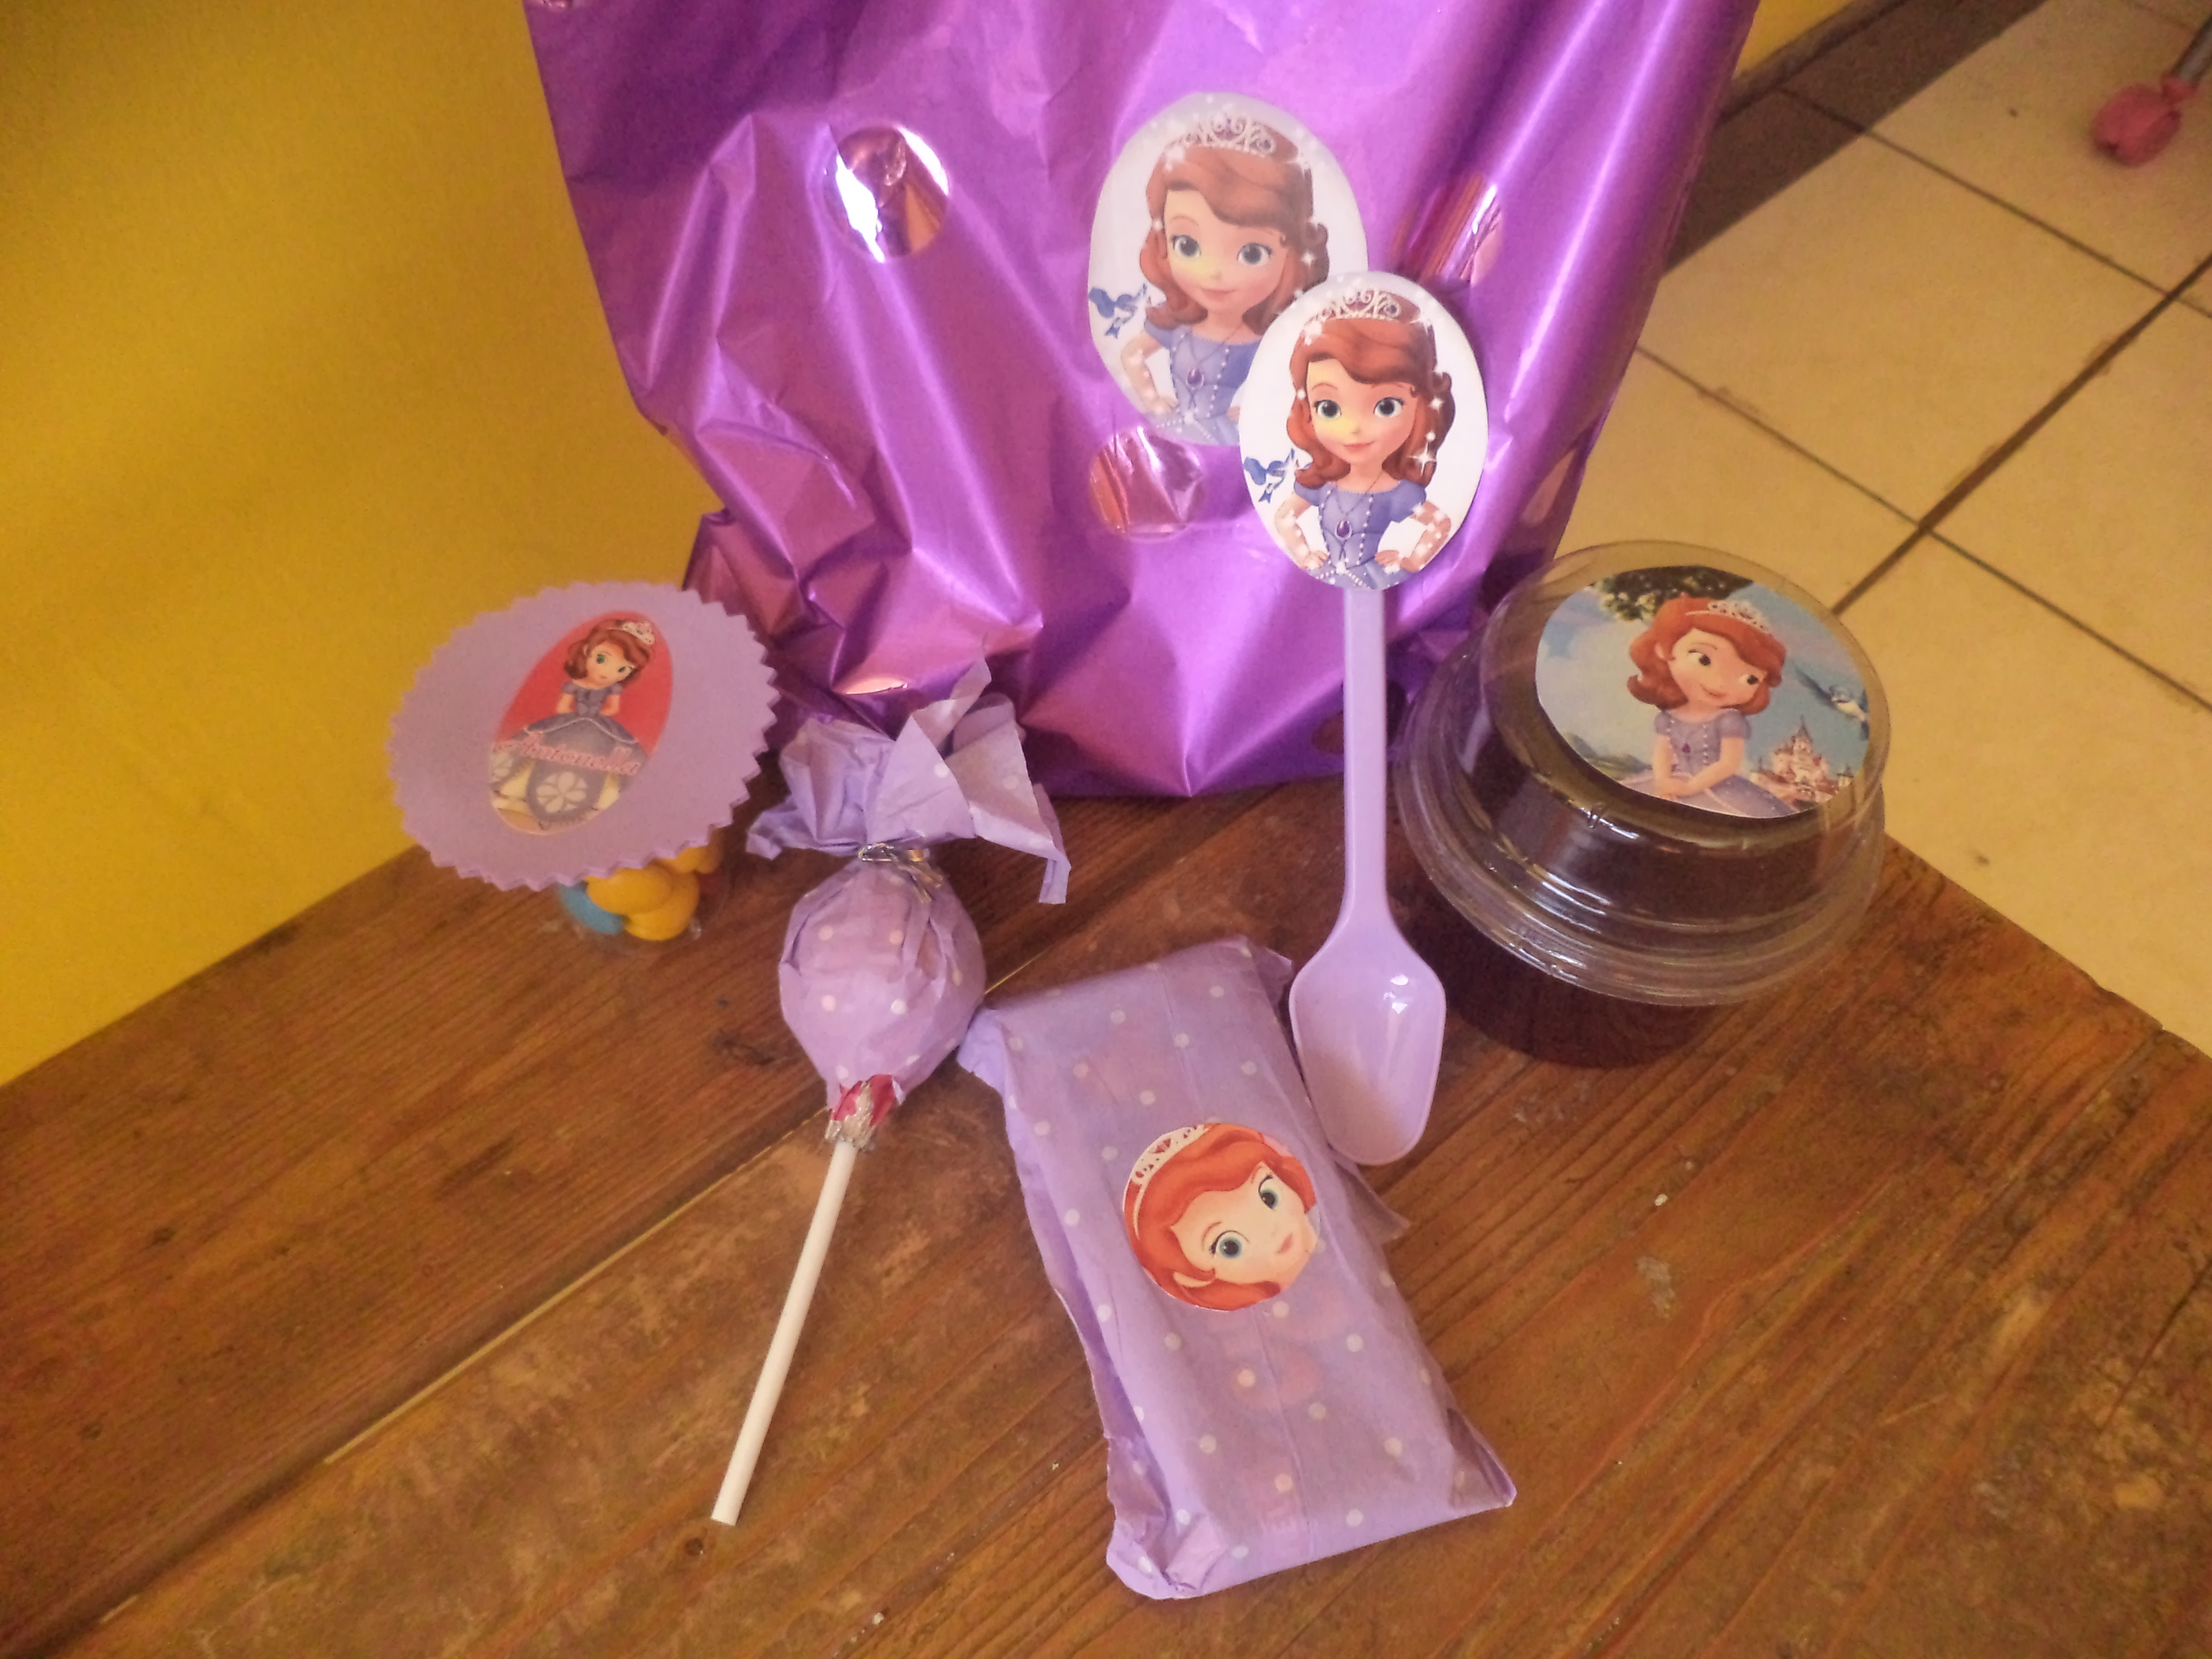 Decorazioni Per Feste Di Compleanno Bambini Fai Da Te : Addobbi compleanno fai da te awesome addobbi compleanno tante